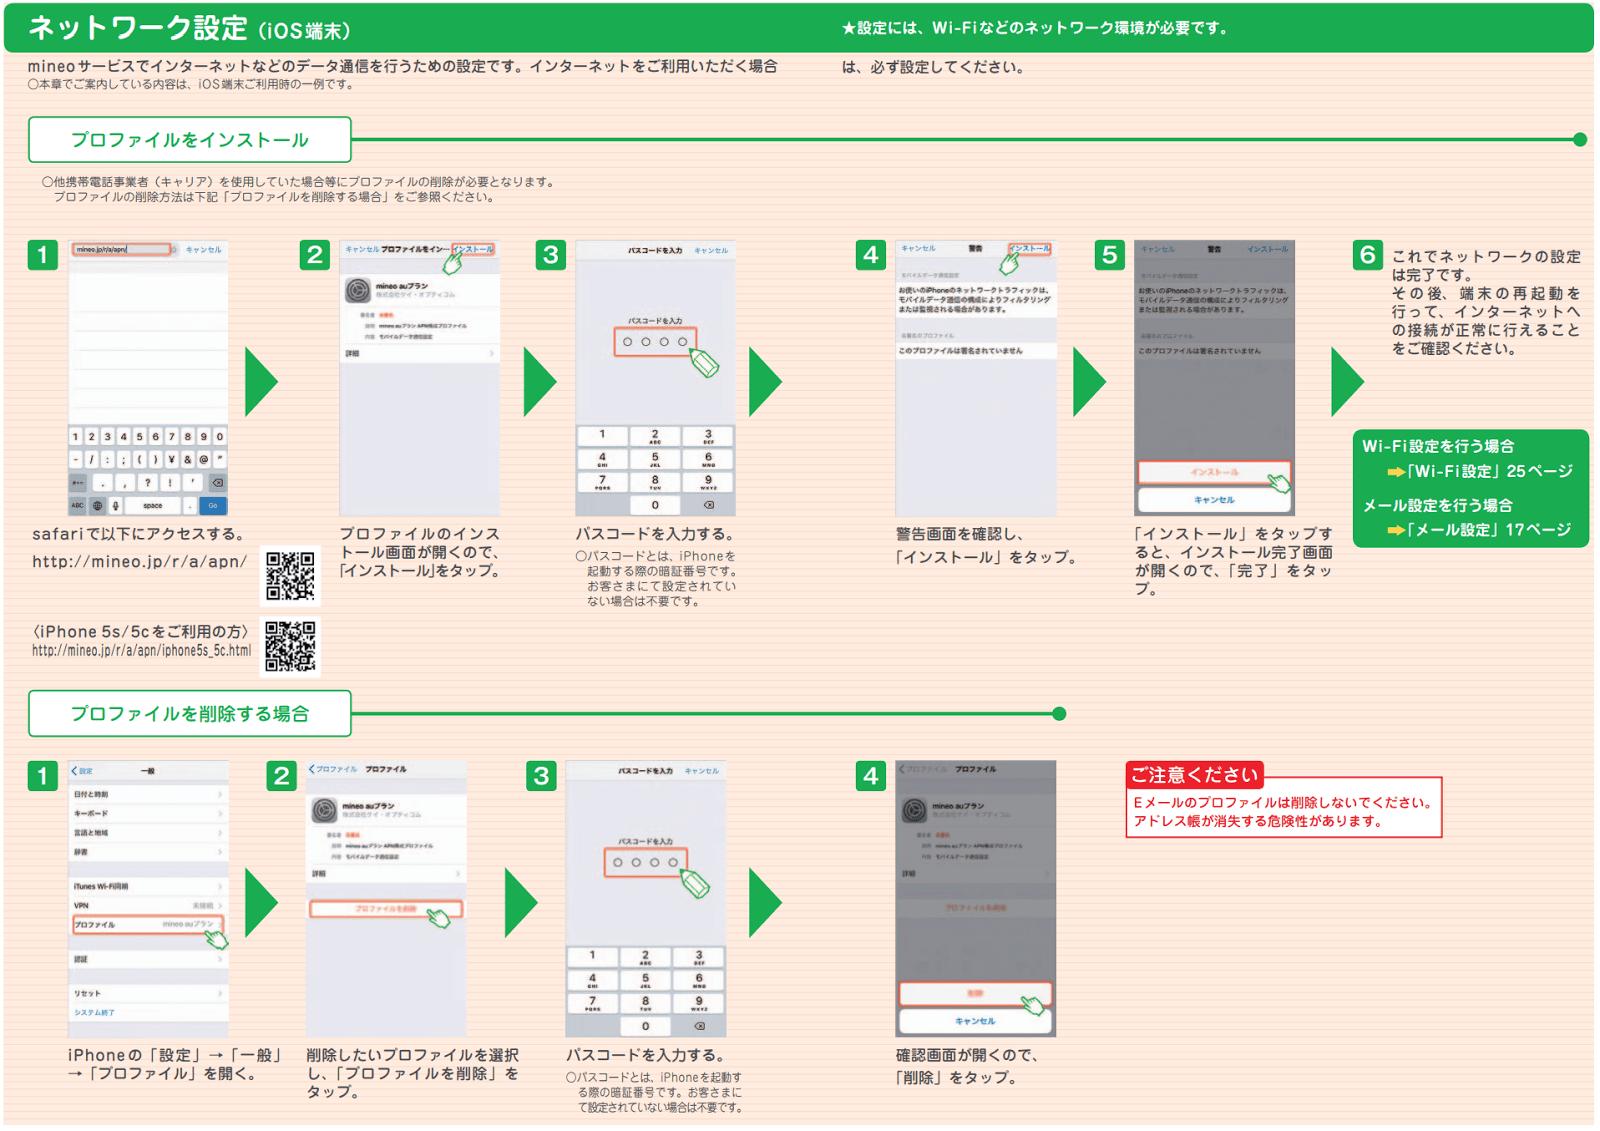 mineoご利用ガイド、ネットワーク設定のページ